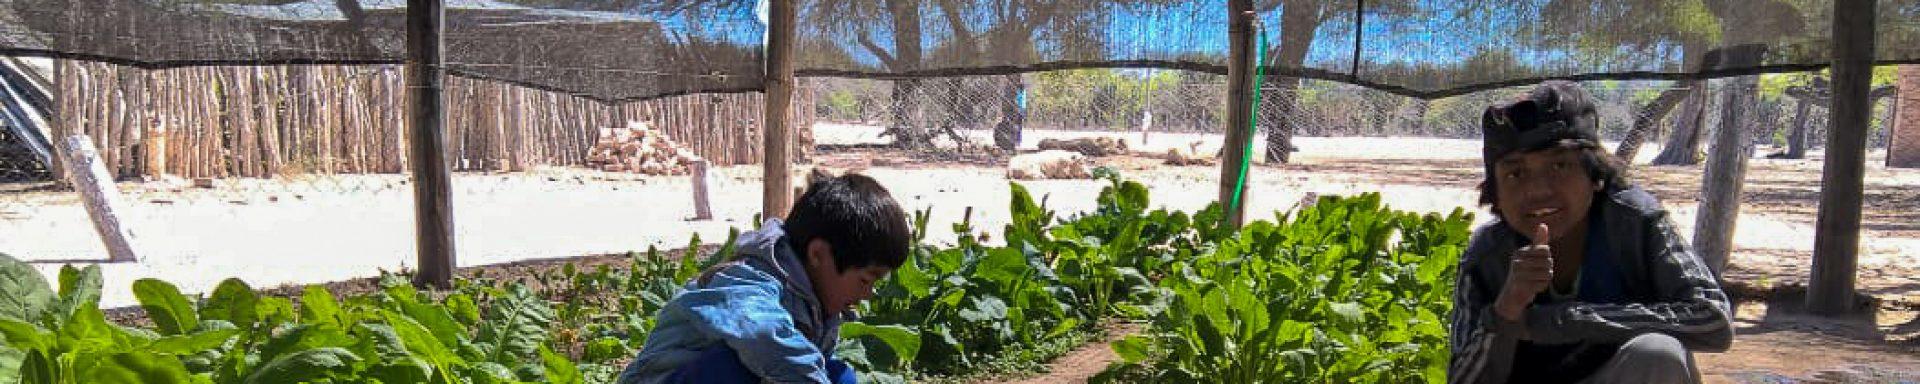 Twee kinderen werken in de moestuin in Argentinië.